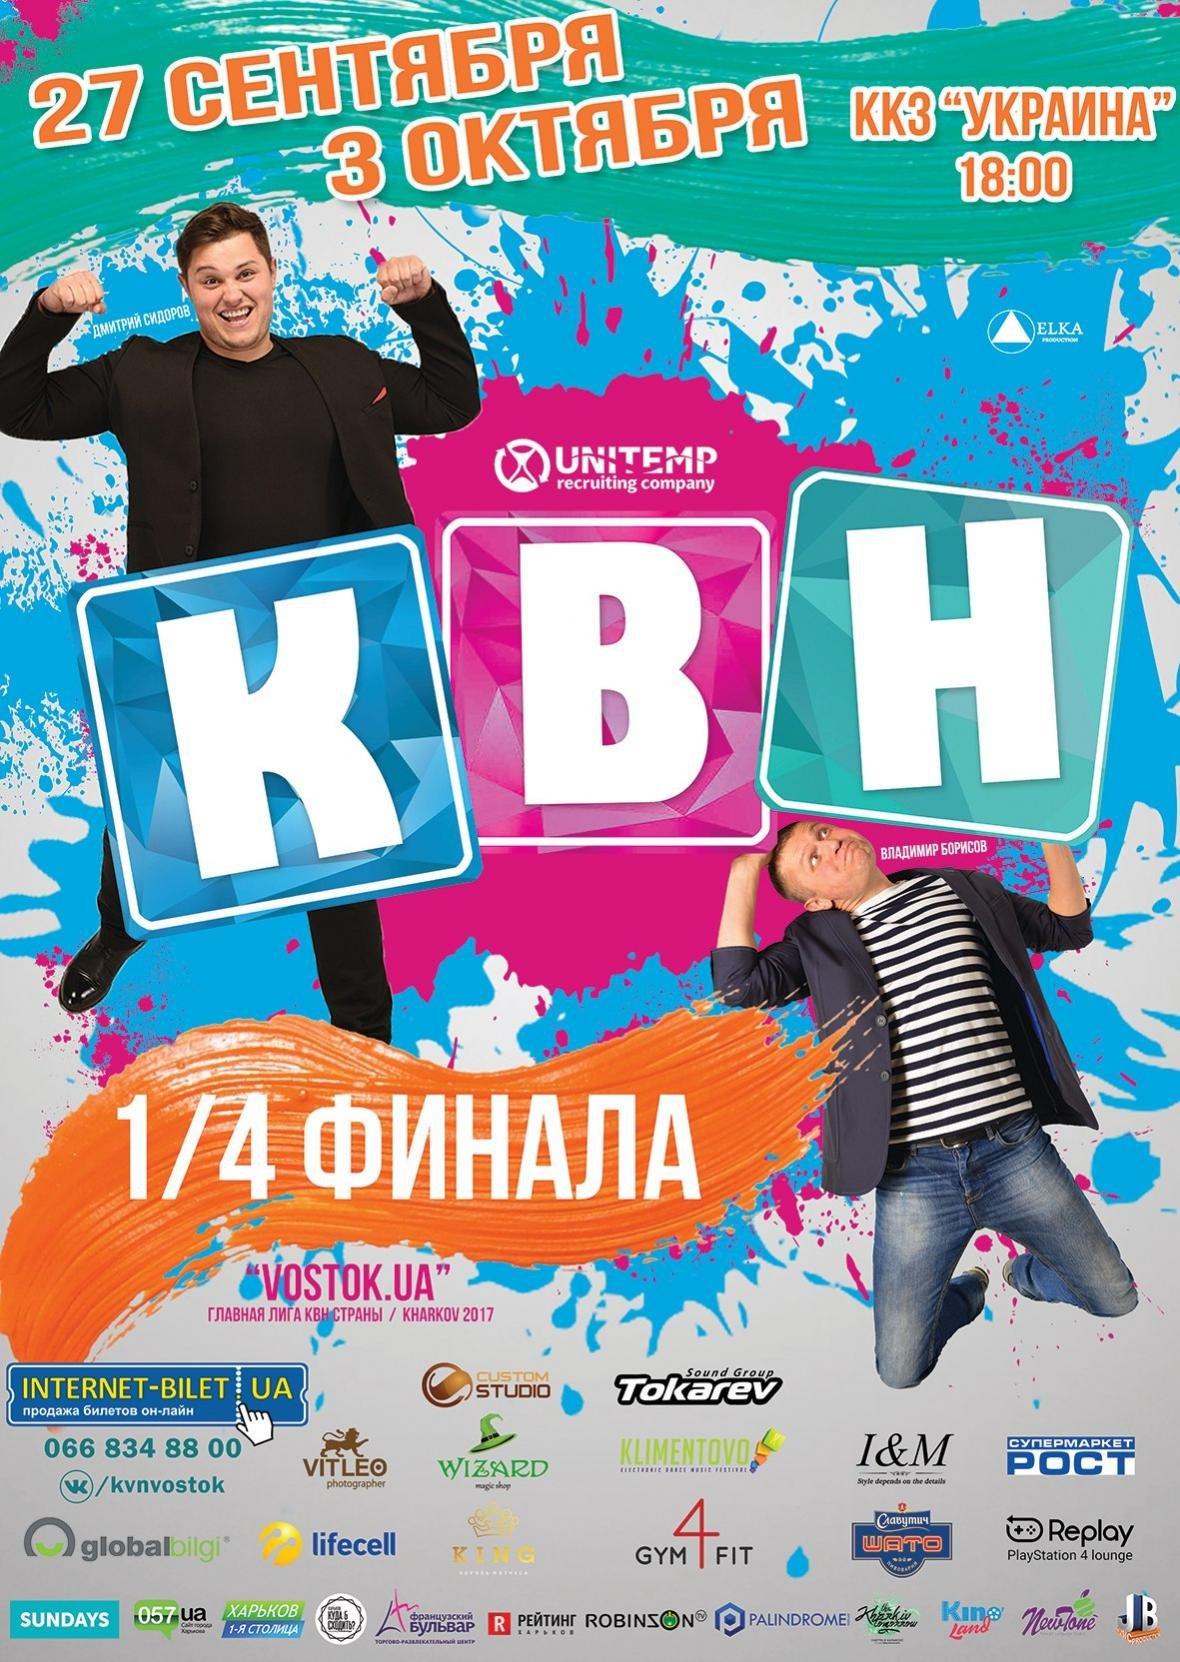 1/4 финала КВН Региональной Лиги «Vostok.UA» в Харькове, фото-1